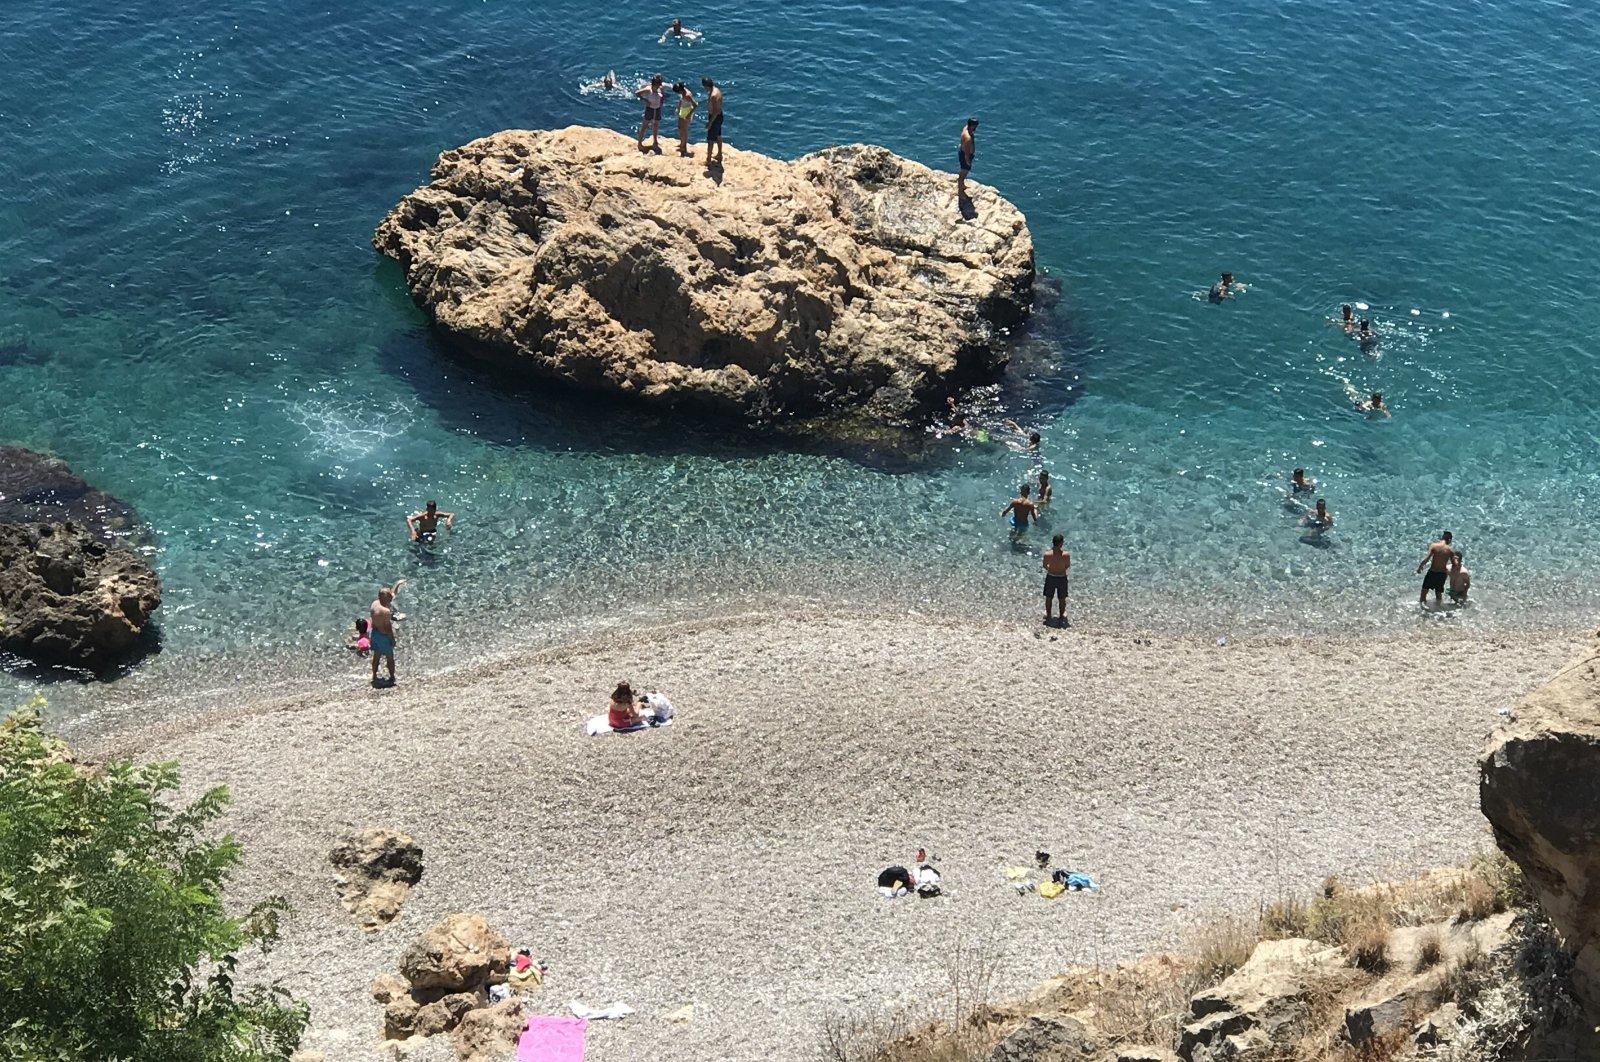 People enjoy the sea at Konyalaltı Beach in Antalya, Turkey, Aug. 16, 2020. (AA Photo)